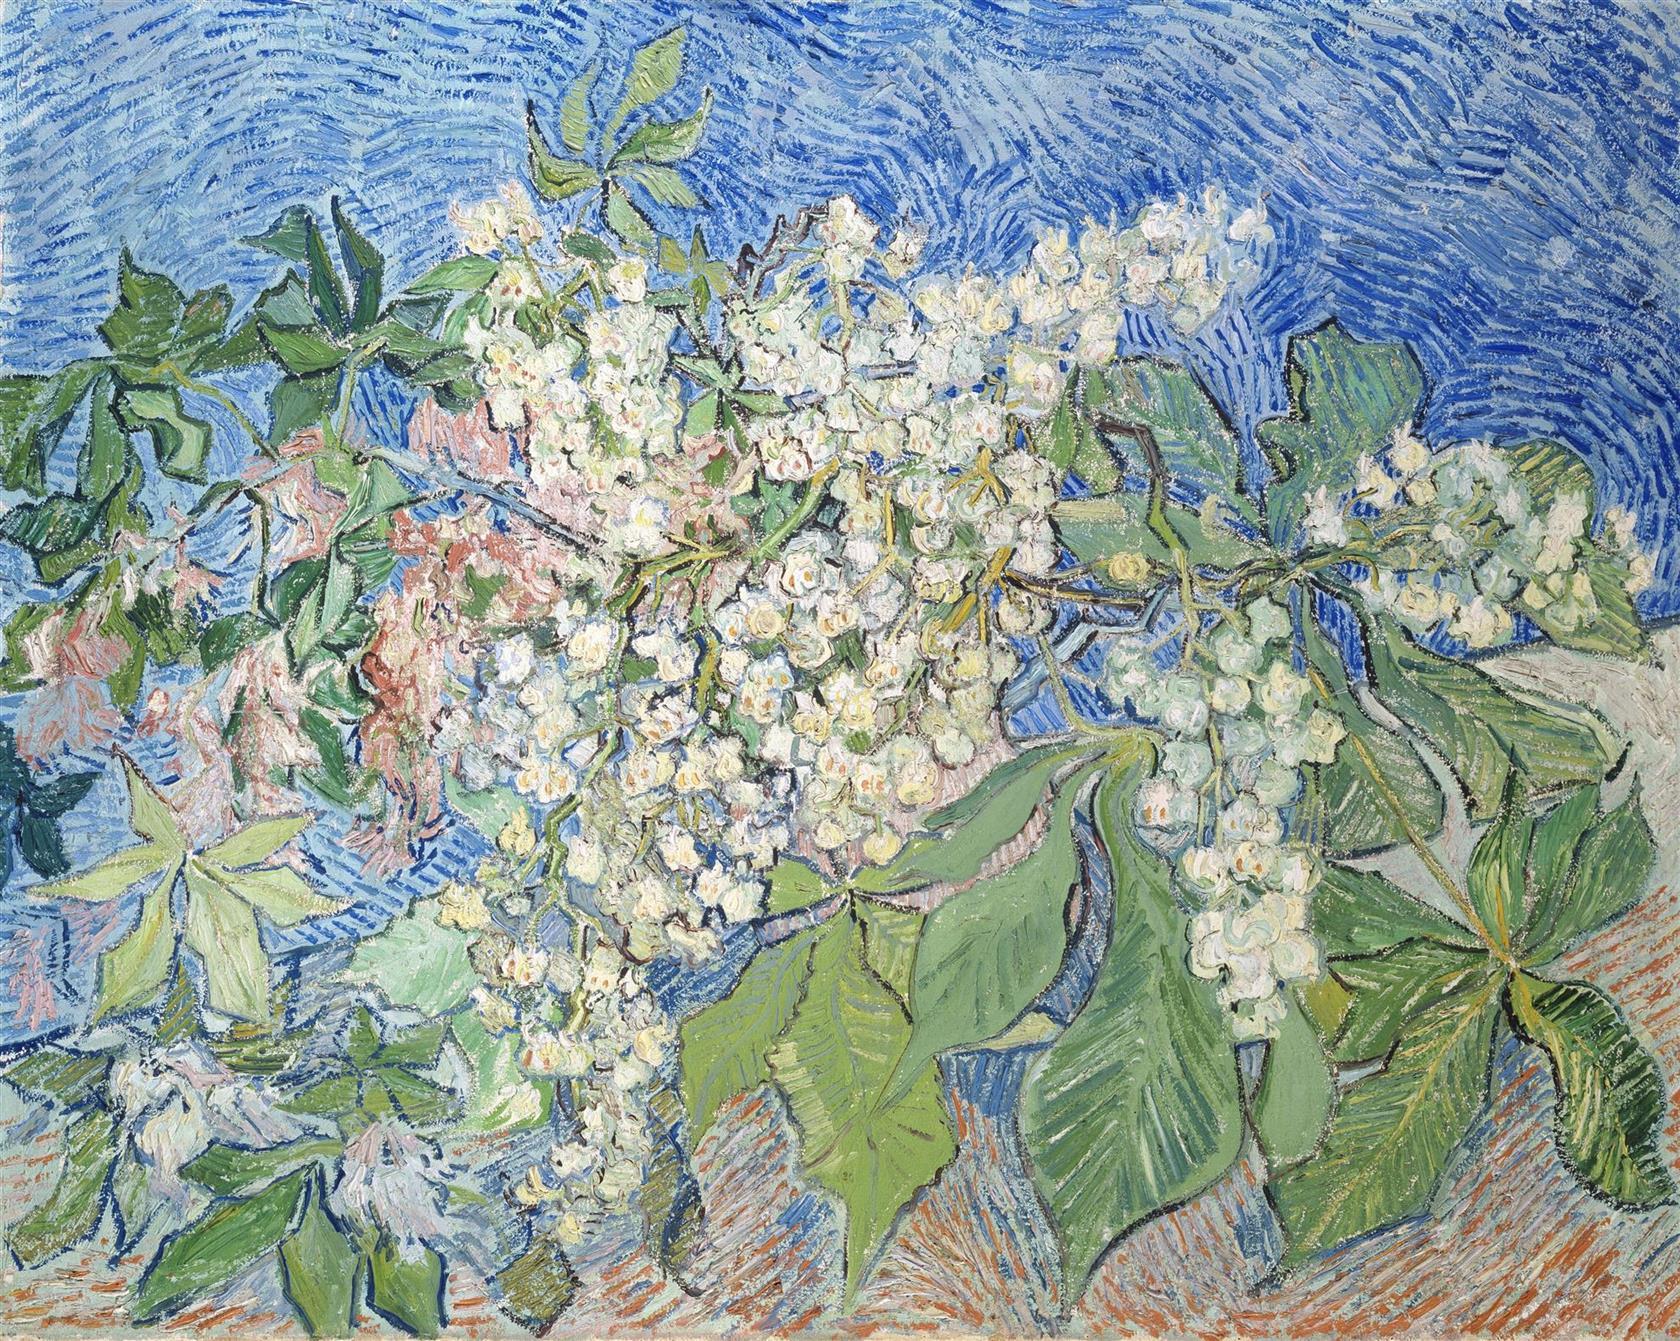 A Lugano, Monet e van Gogh a confronto con Canaletto, Guardi e Strozzi: ecco i capolavori della collezione Bührle